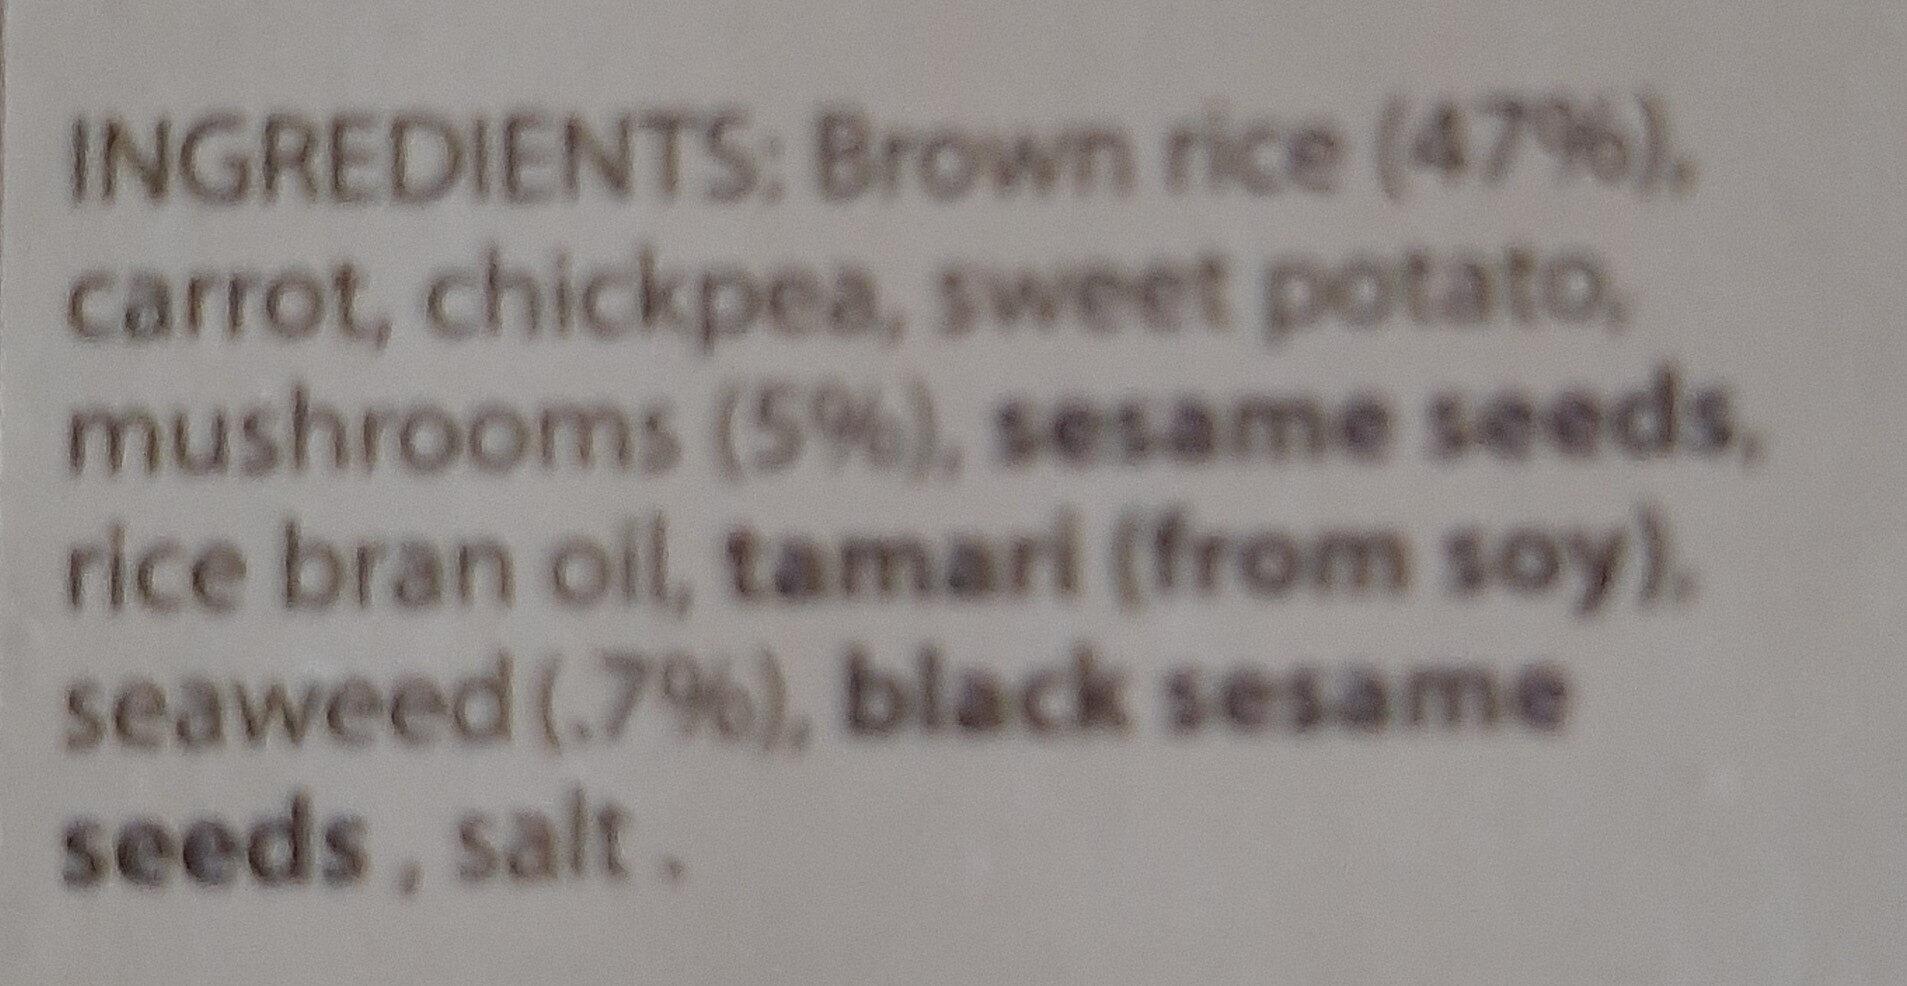 brown rice, mushroom and seaweed burger - Ingredients - en